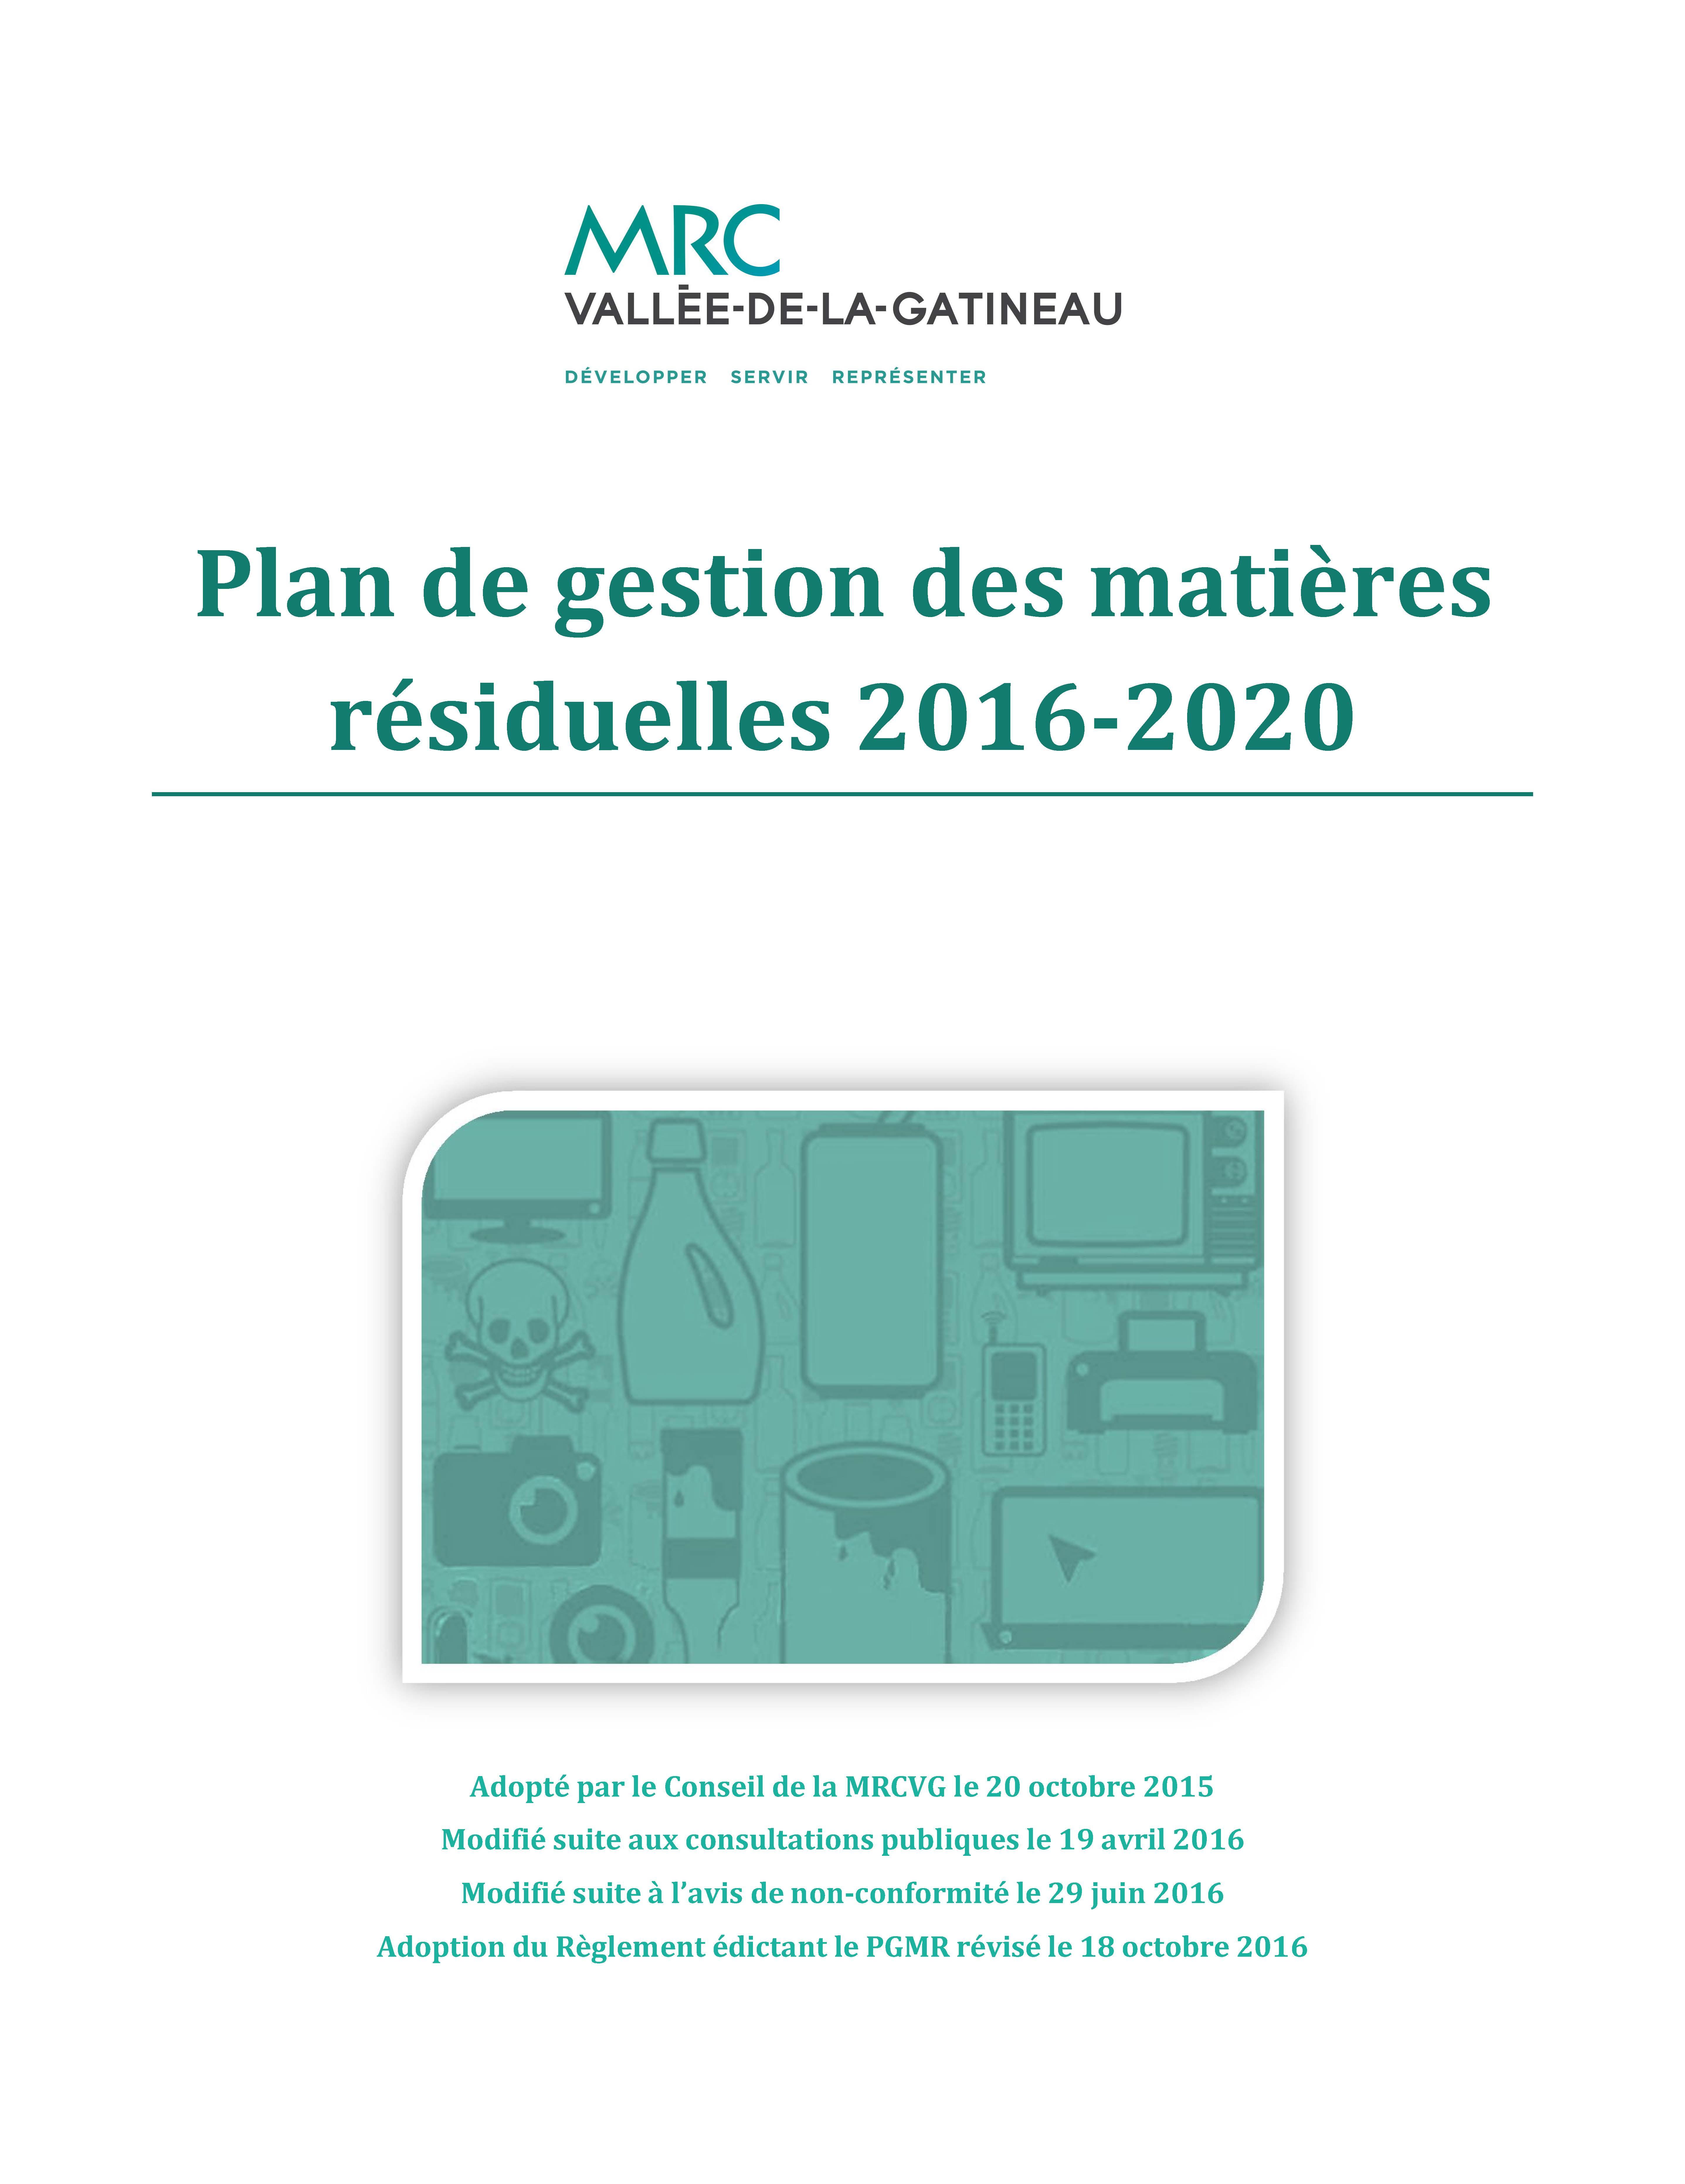 9942a02093b Plan de gestion des matières résiduelles 2016-2020